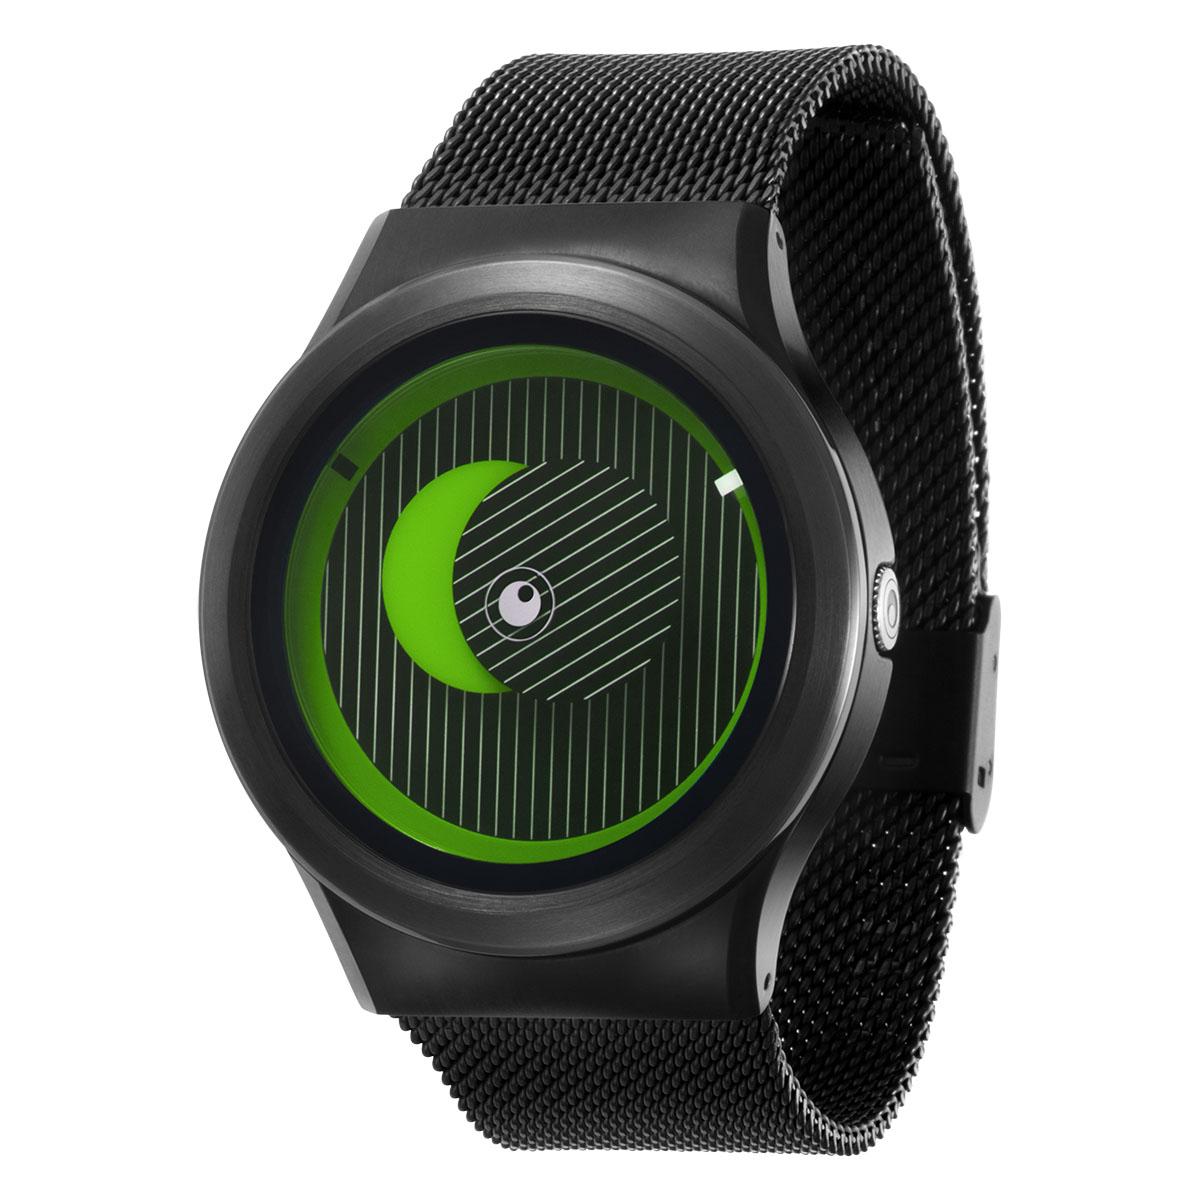 ZEROO SECRET UNIVERSE ゼロ 電池式クォーツ 腕時計 [W05014B03SM03] グリーン デザインウォッチ ペア用 メンズ レディース ユニセックス おしゃれ時計 デザイナーズ